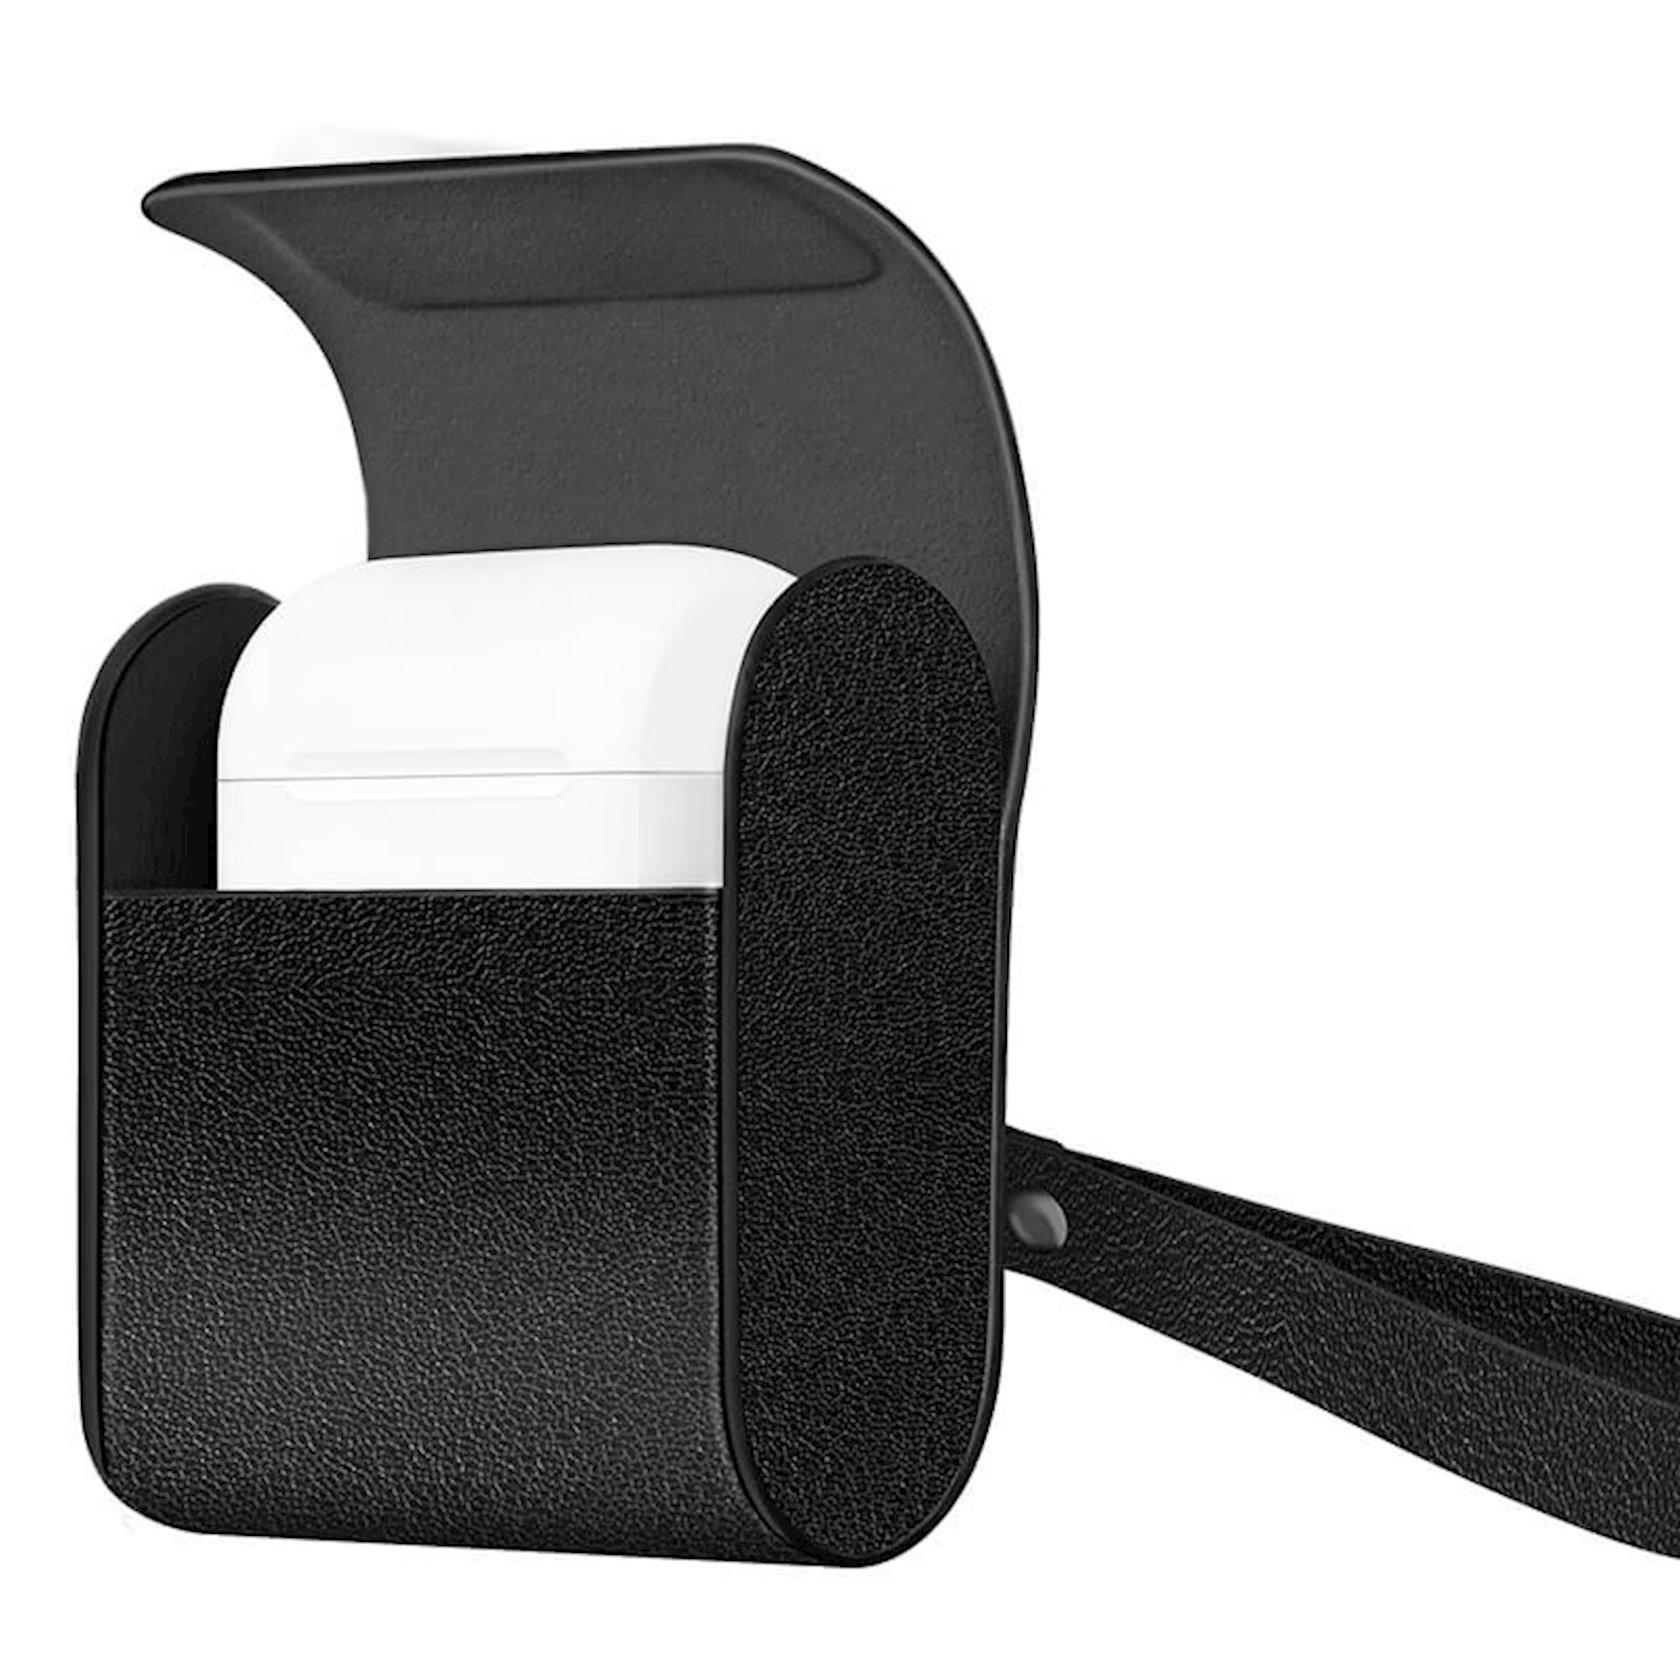 Çexol Nillkin Apple AirPods Wireless Chaging Case